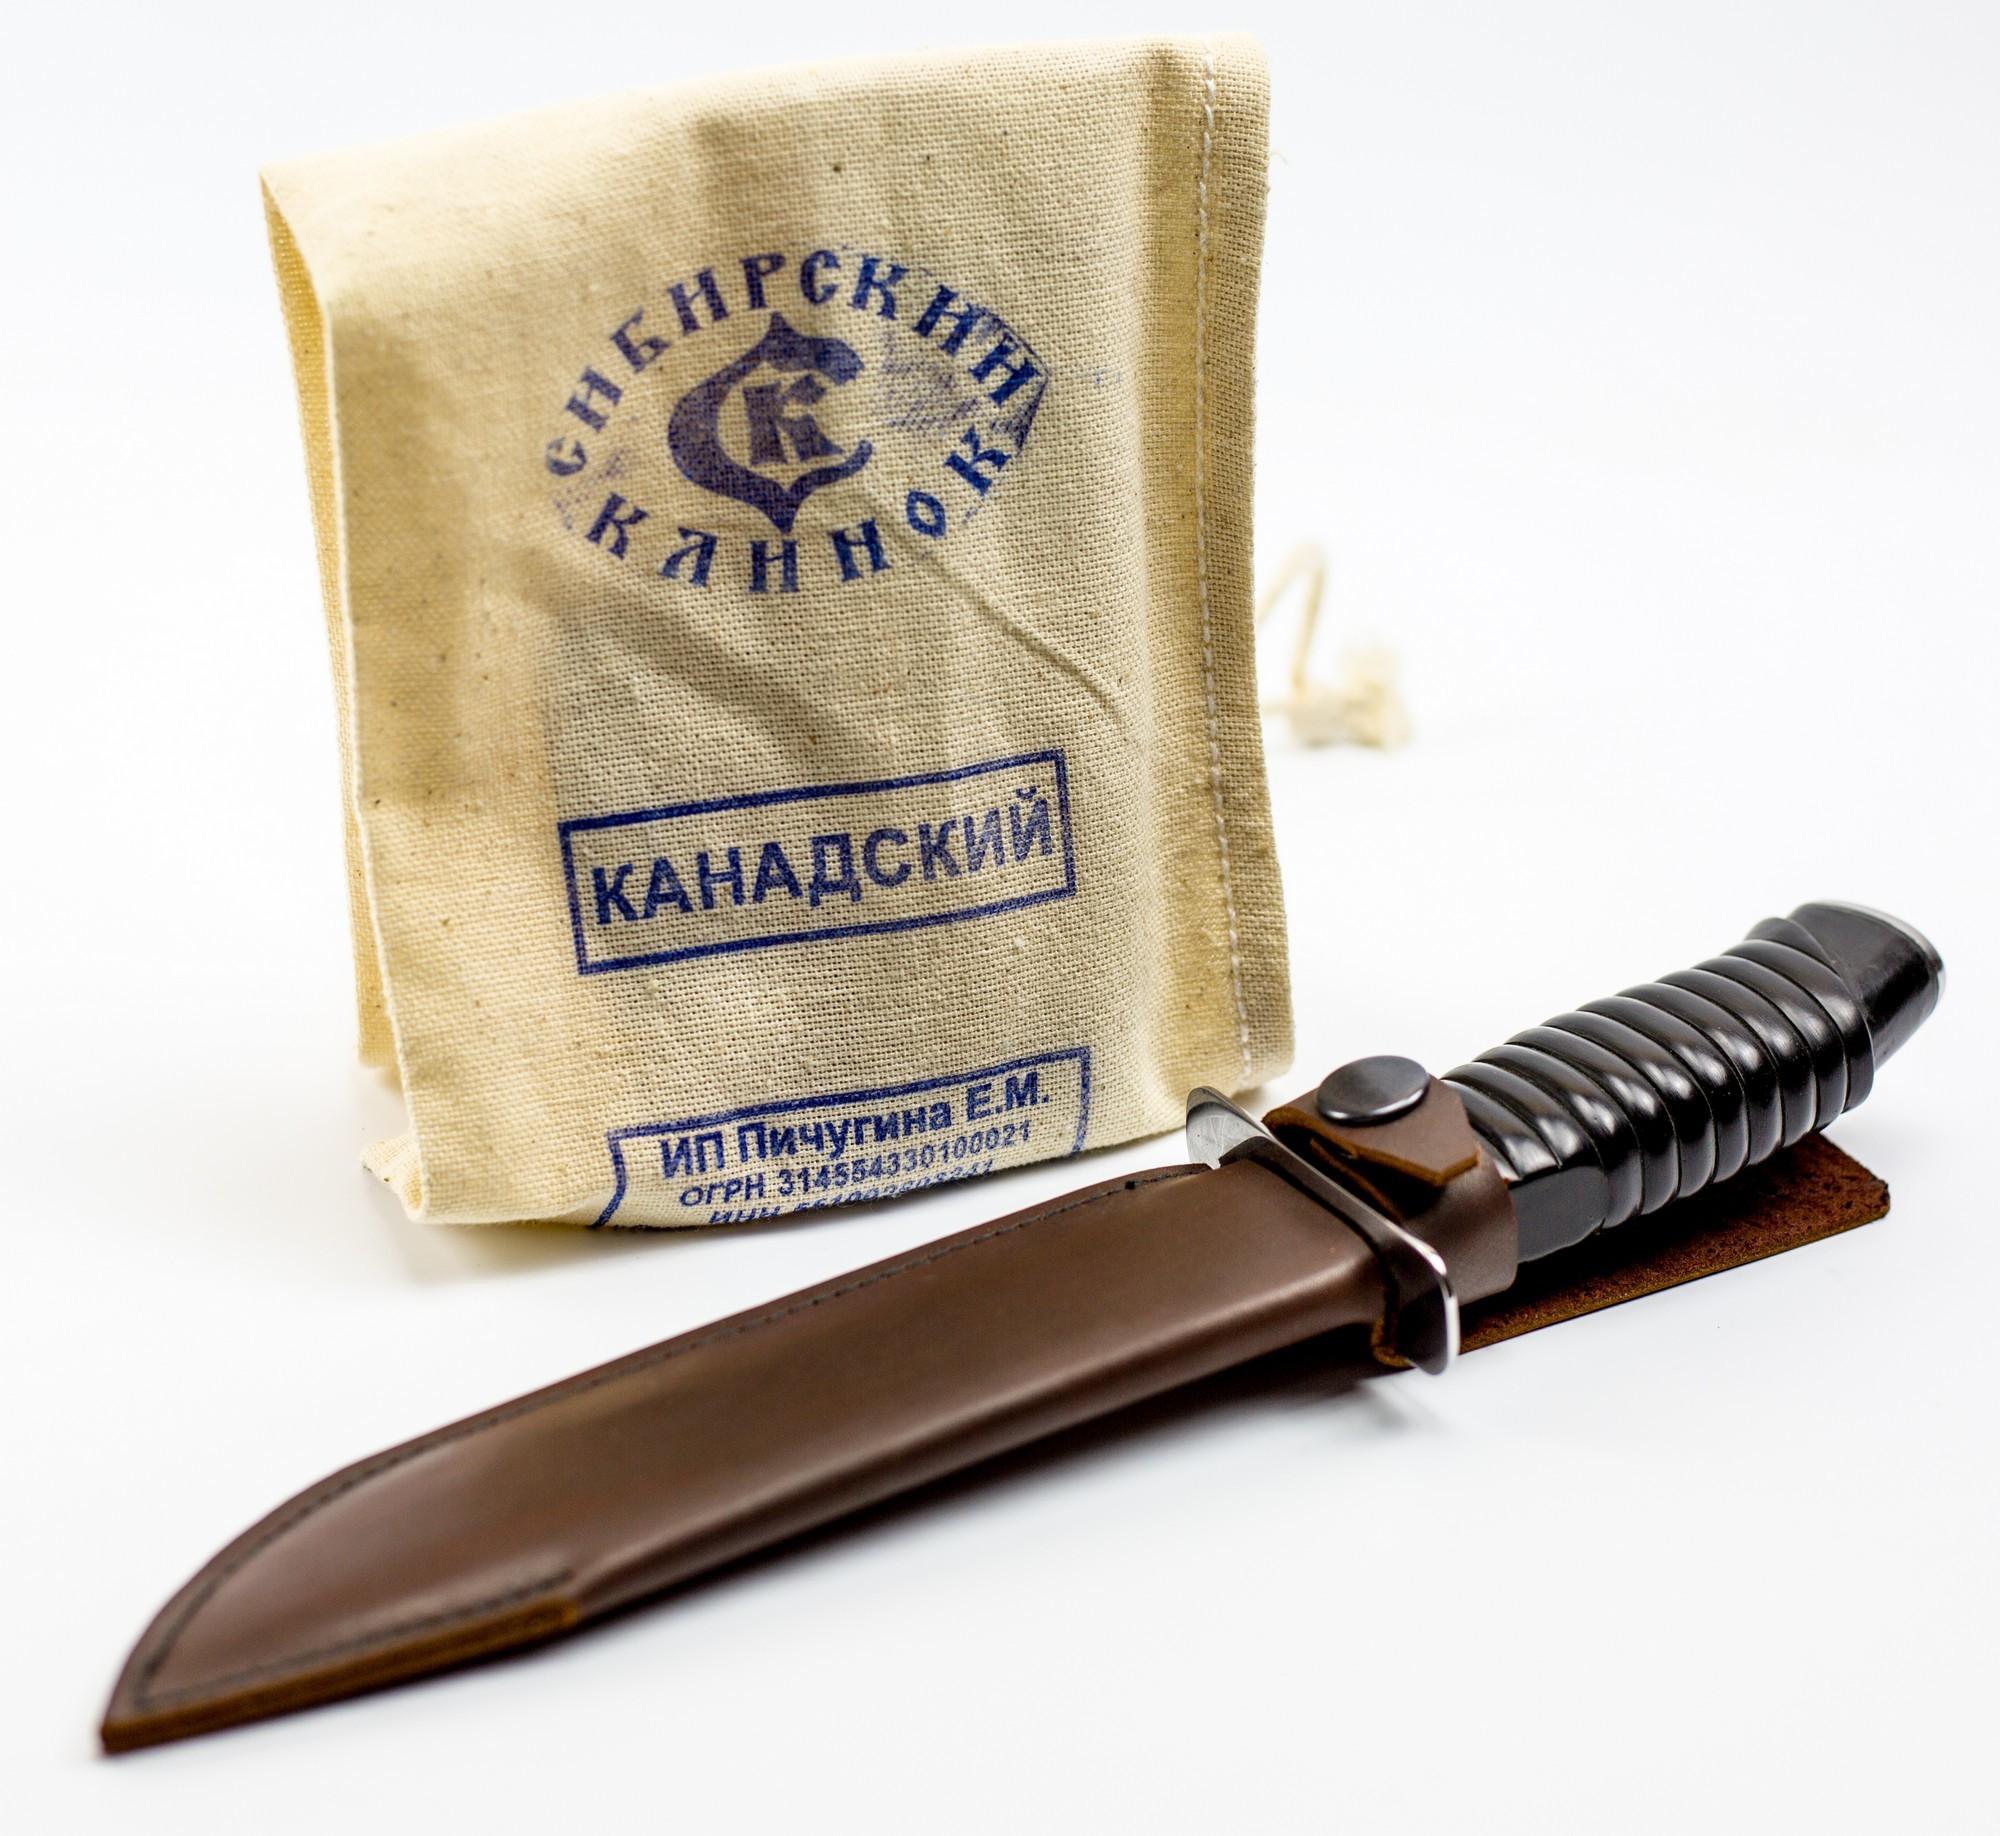 Фото 4 - Нож Канадский, полированный от Сибирский клинок